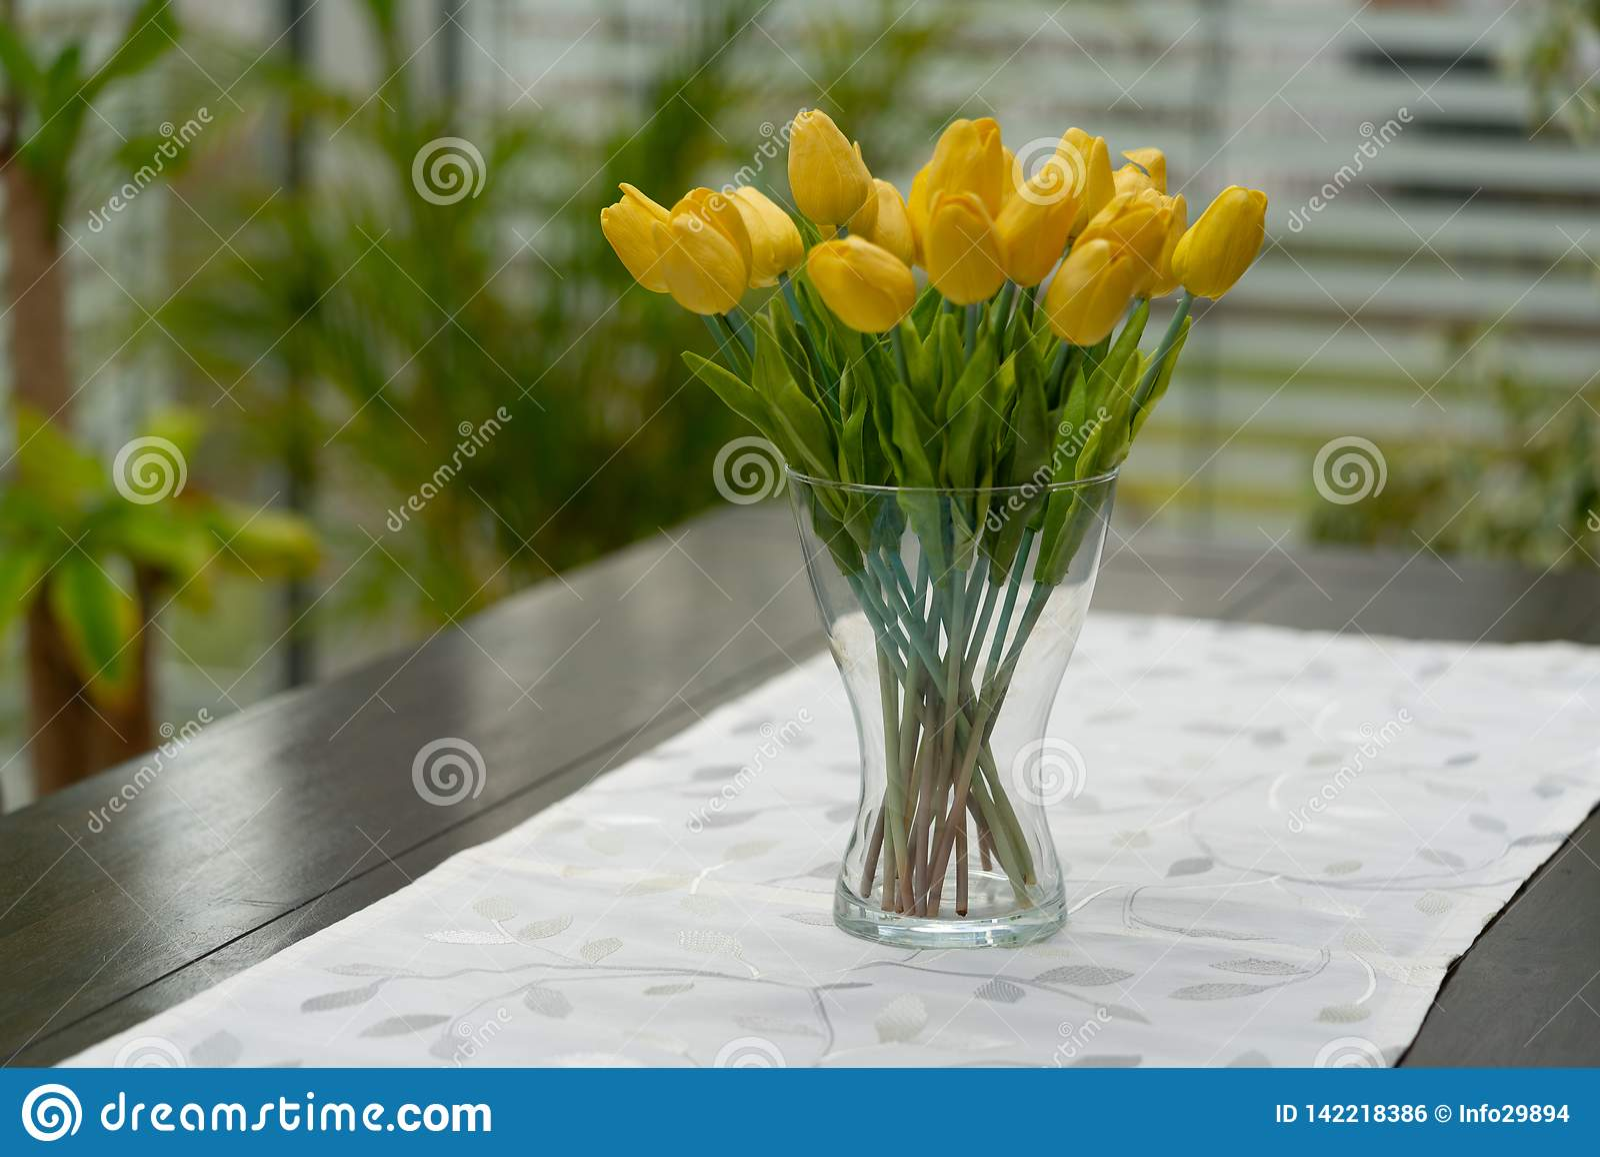 De vaas met gele tulpen is op de lijst